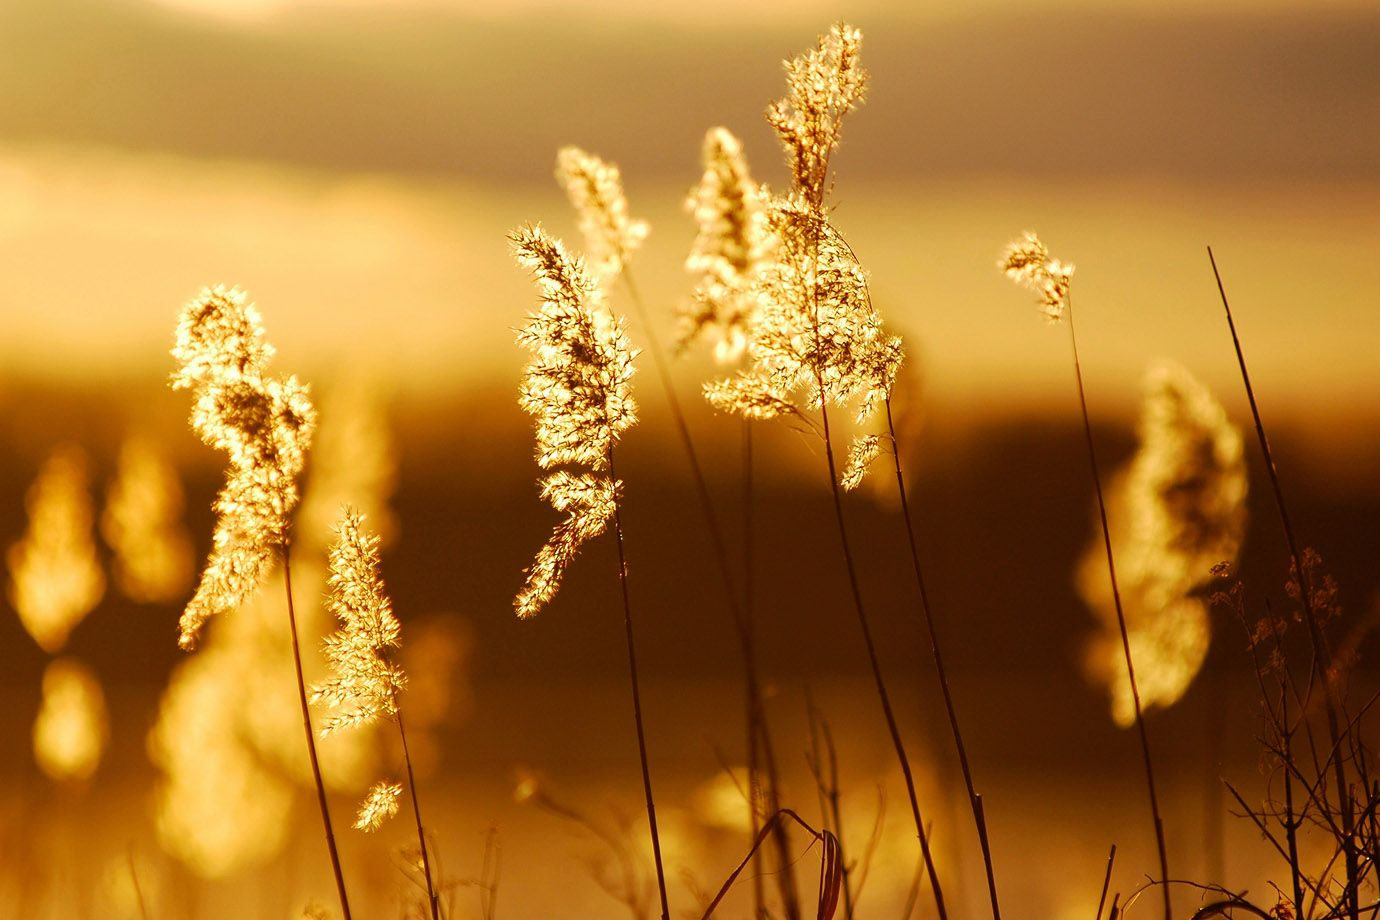 das Licht der tiefstehenden Sonne verwandelt das Schilfgras